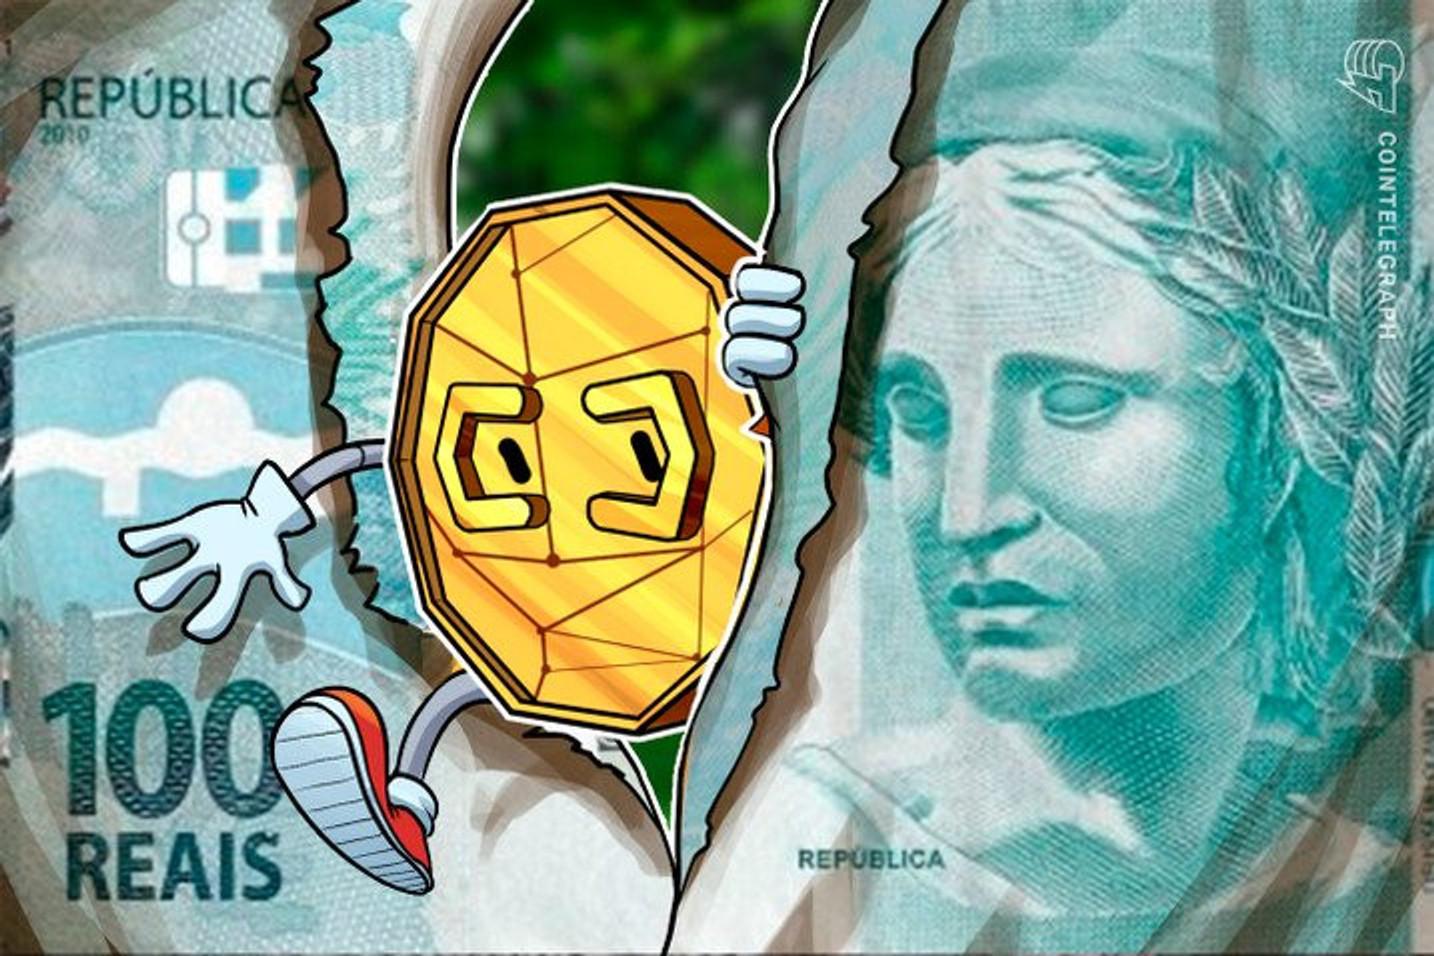 Ministro Paulo Guedes confirma que Brasil terá uma CBDC, uma versão digital do real